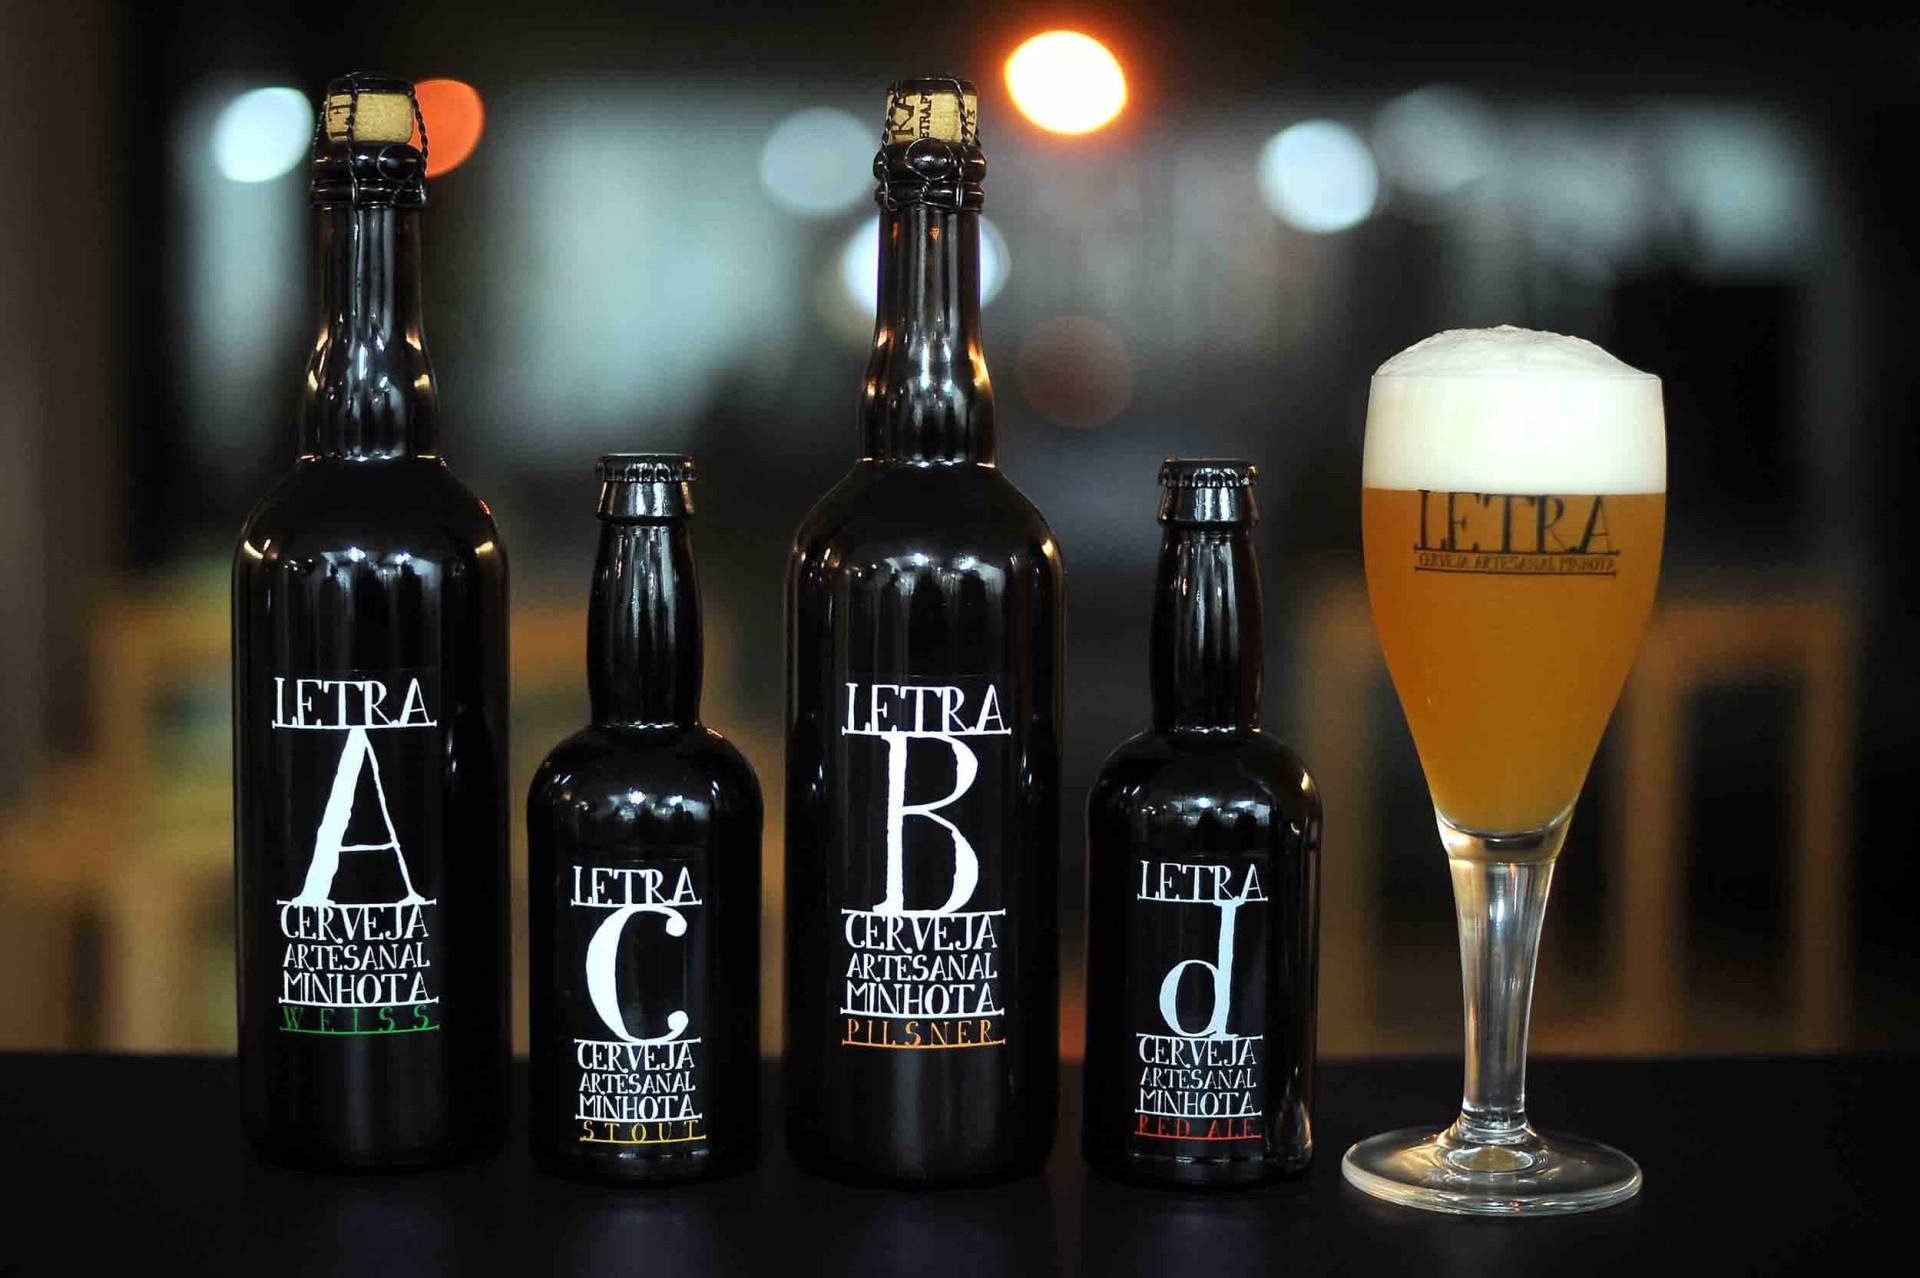 De Norte a Sul, uma viagem pelas cervejas artesanais portuguesas